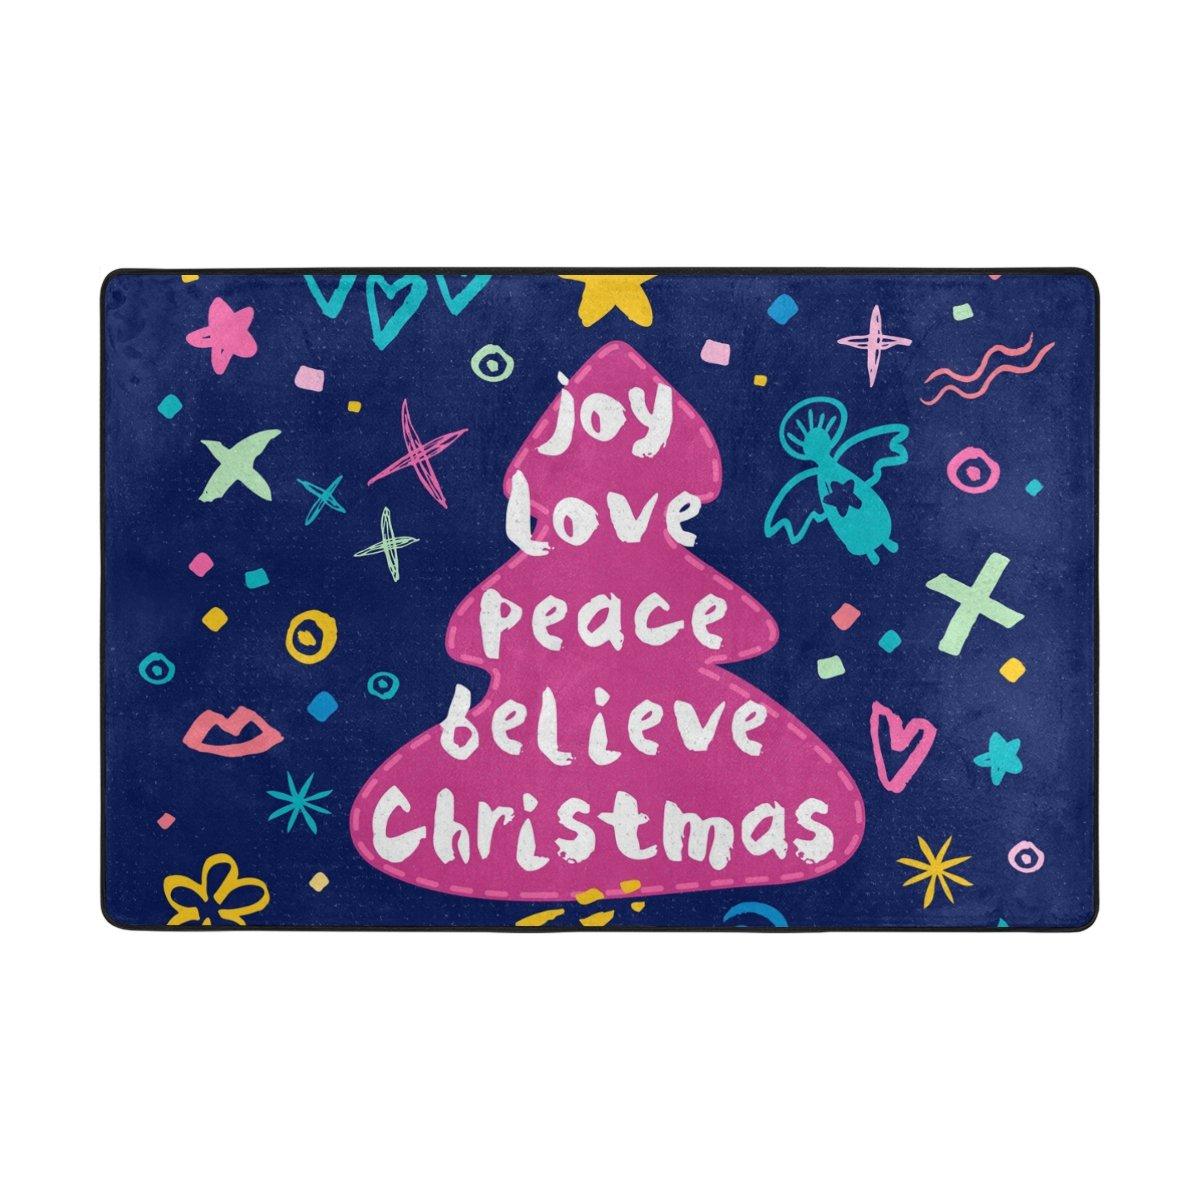 Colourlife Joy Love Peace Believeクリスマス領域ソフトラグ床マット装飾ダイニングルームリビングルームベッドルームの入り口36 x 24インチ 36 x 24 inches dd-003 36 x 24 inches  B077RTW8DZ